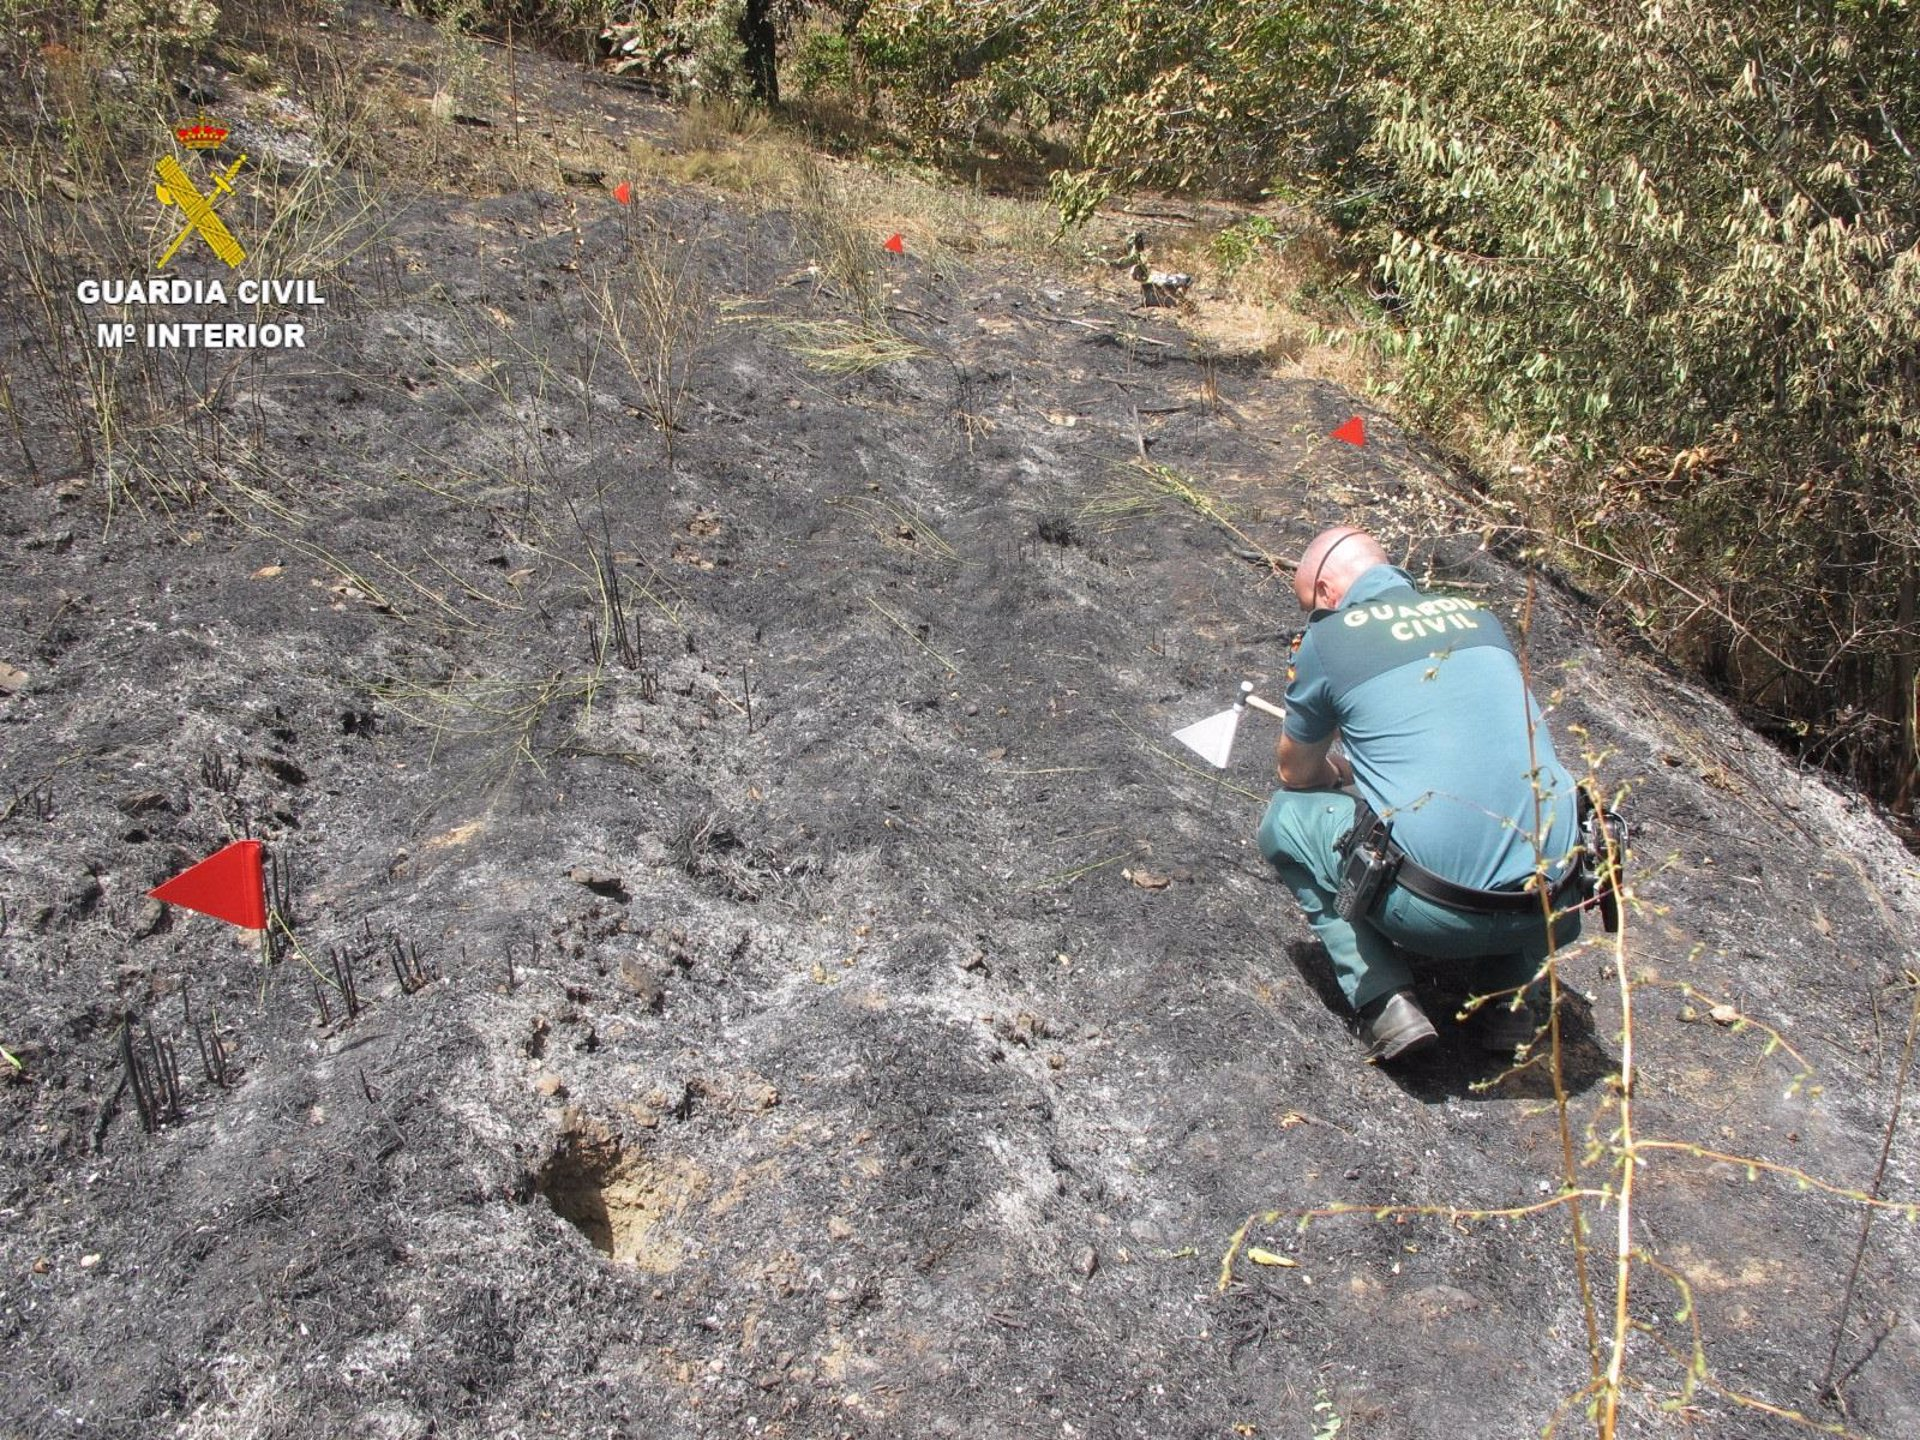 La Guardia Civil investiga a una persona por el incendio forestal en Güéjar Sierra